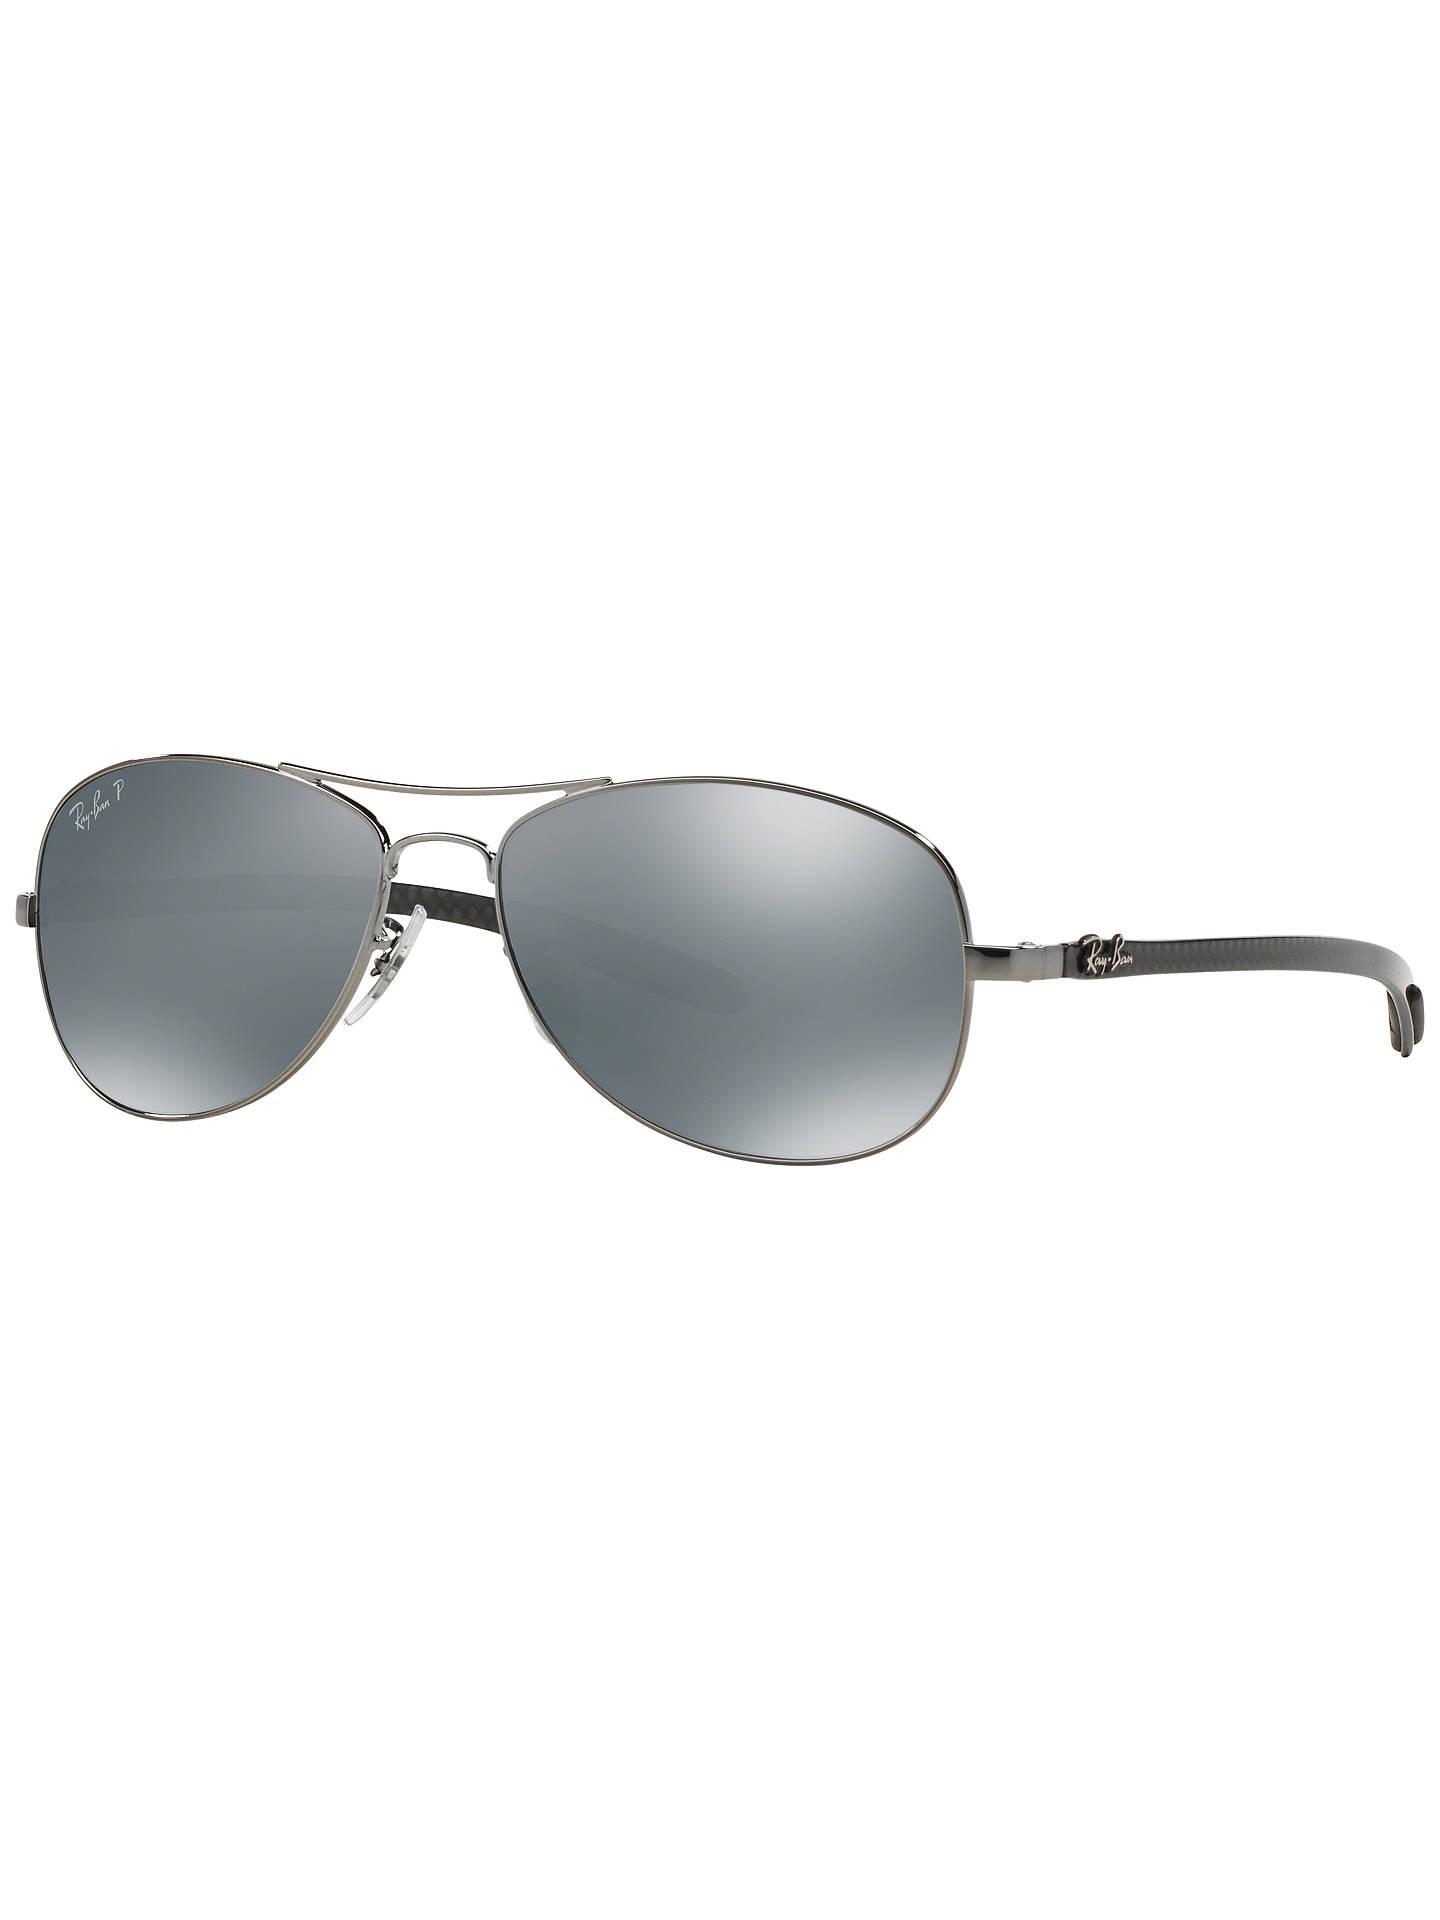 f61e9221d1 BuyRay-Ban RB8301 Polarised Carbon Fibre Pilot Sunglasses